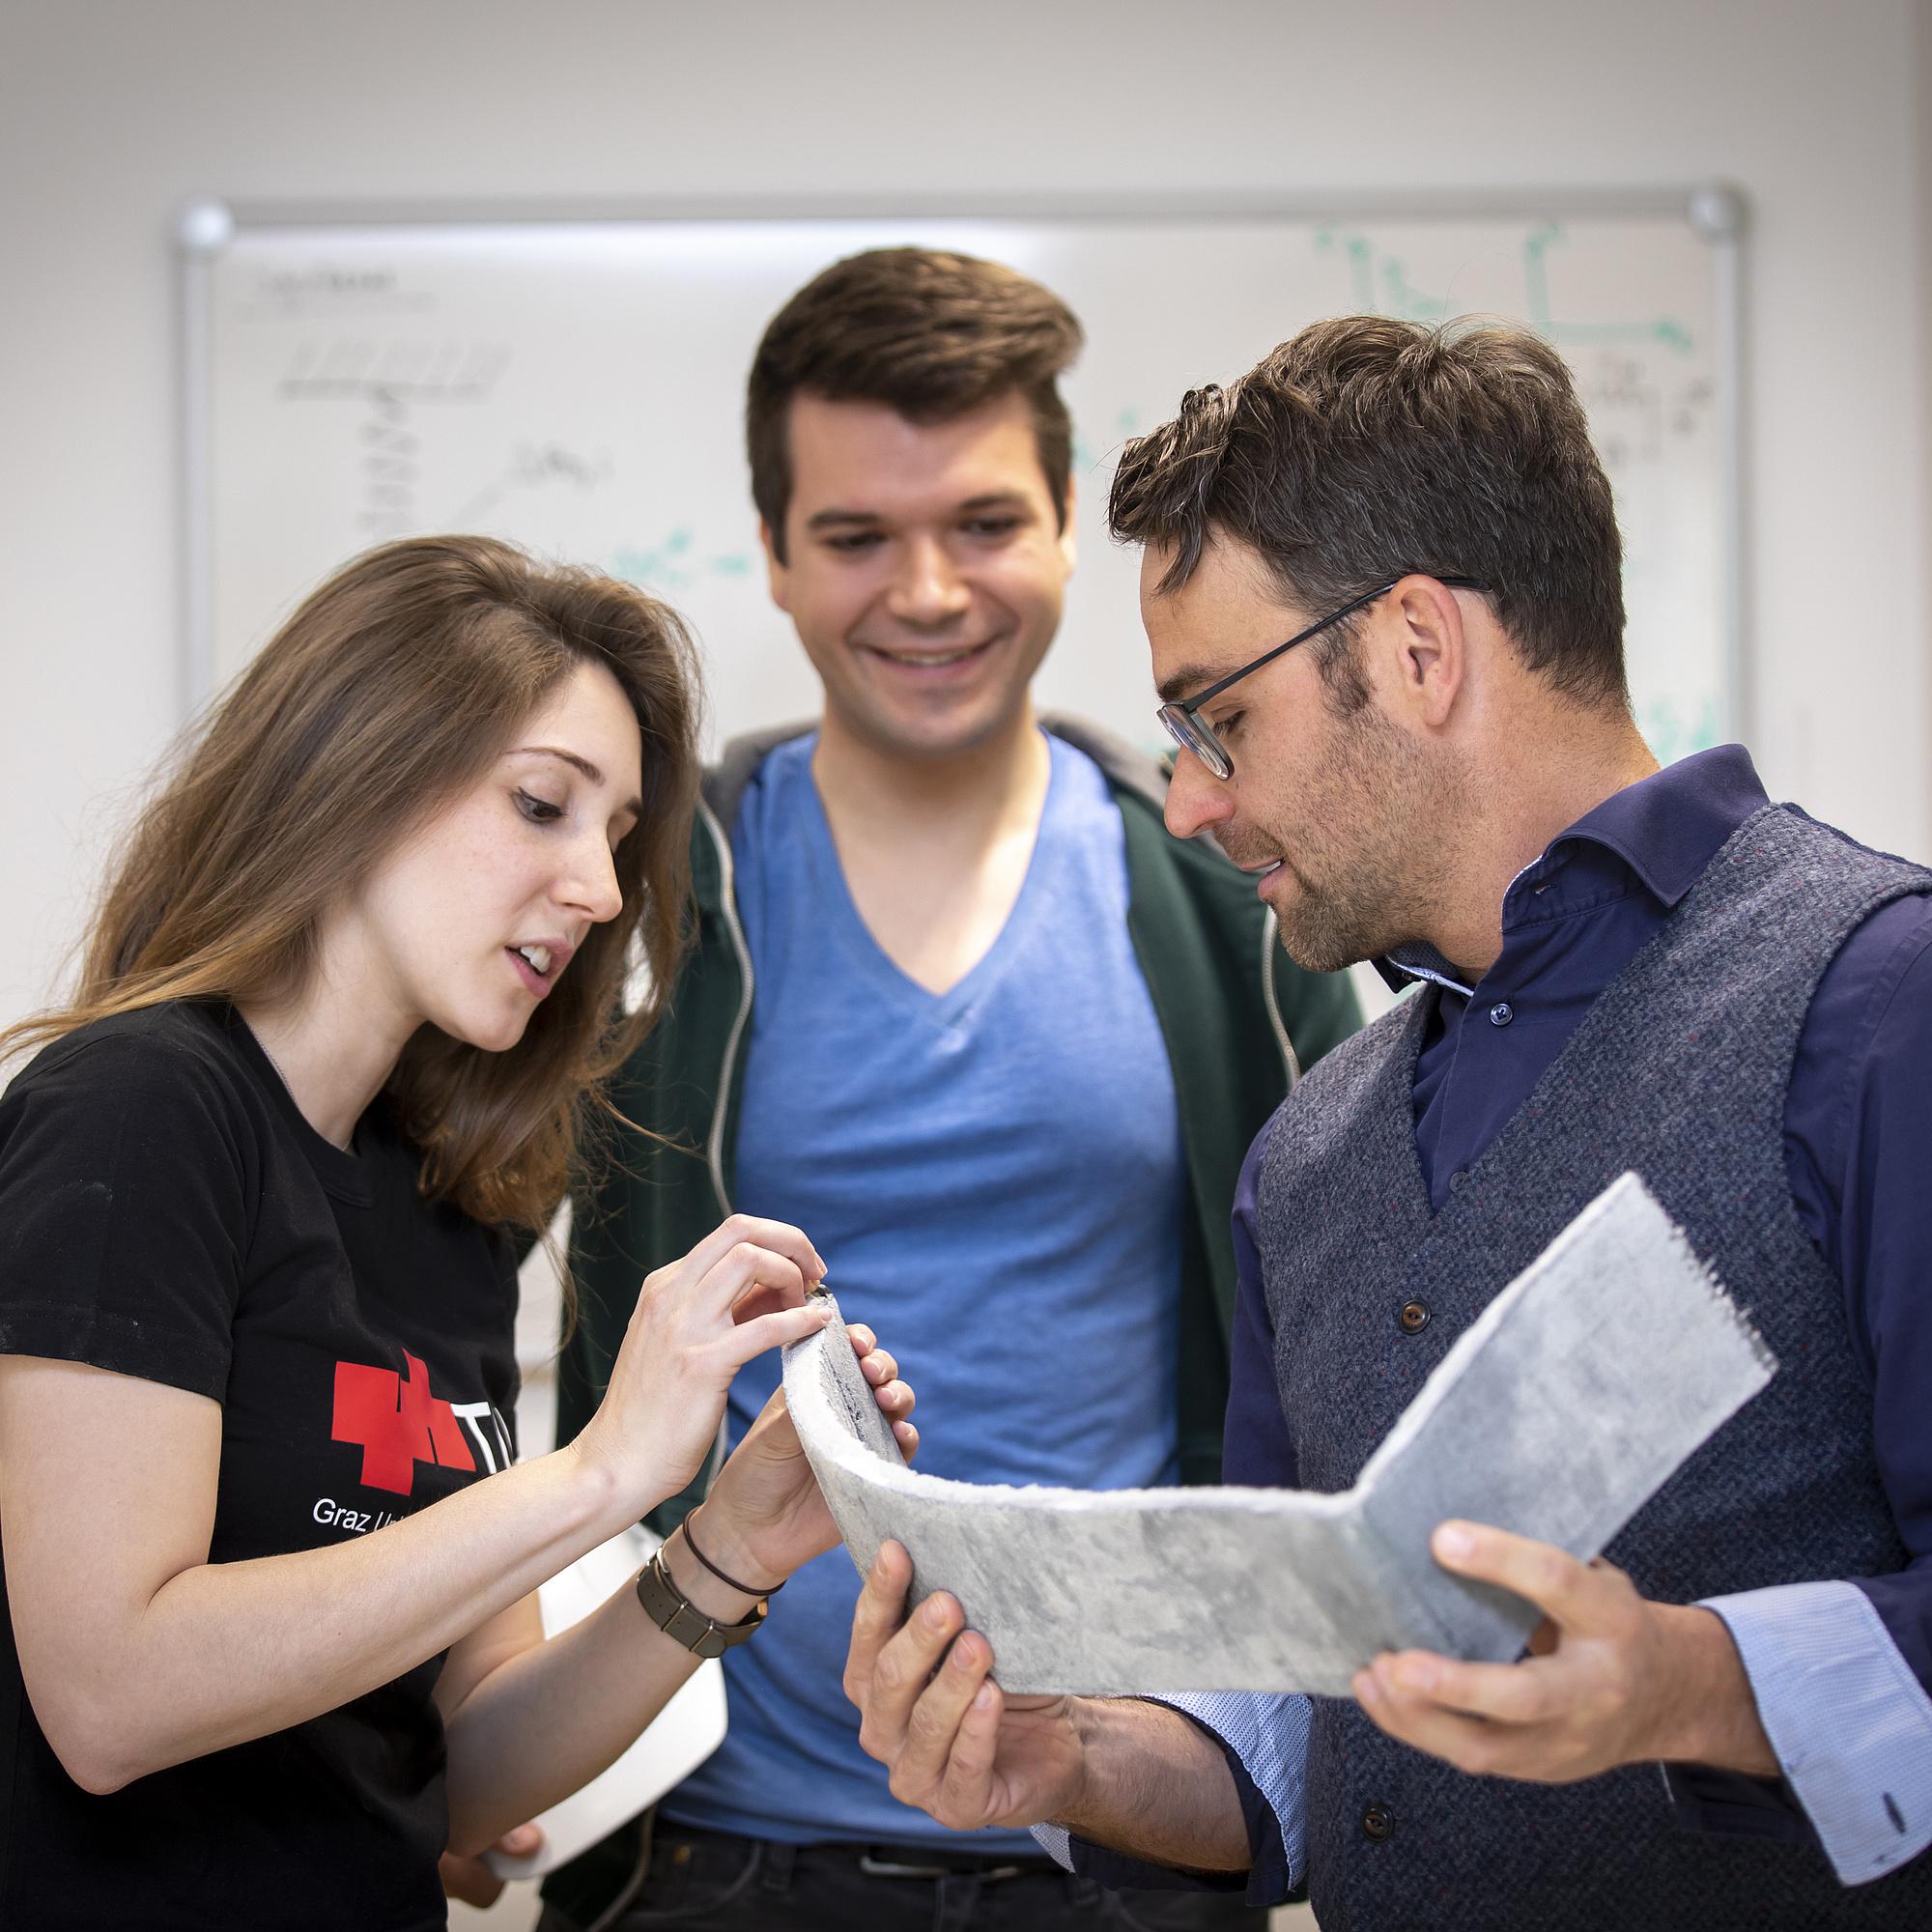 Ein Lehrender und zwei Studierende besprechen ein Bauteil.